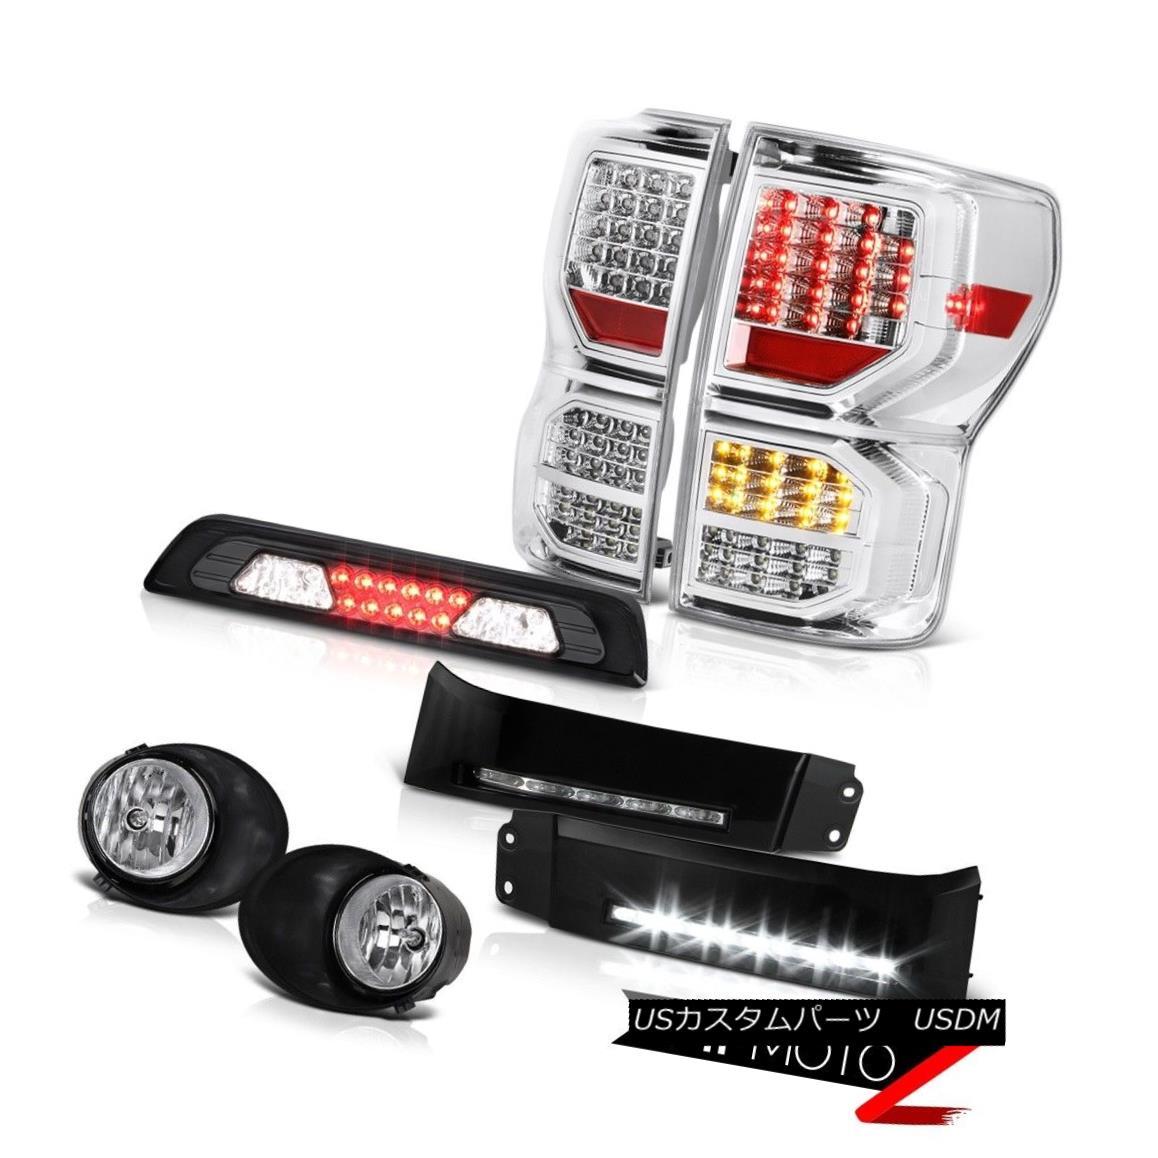 テールライト 2007-2013 Toyota Tundra Platinum Rear Brake Lamps DRL Strip Fog Roof Cab Light 2007-2013トヨタ・トンドラ・プラチナリア・ブレーキ・ランプDRLストリップ・フォグ・ルーフ・キャブ・ライト